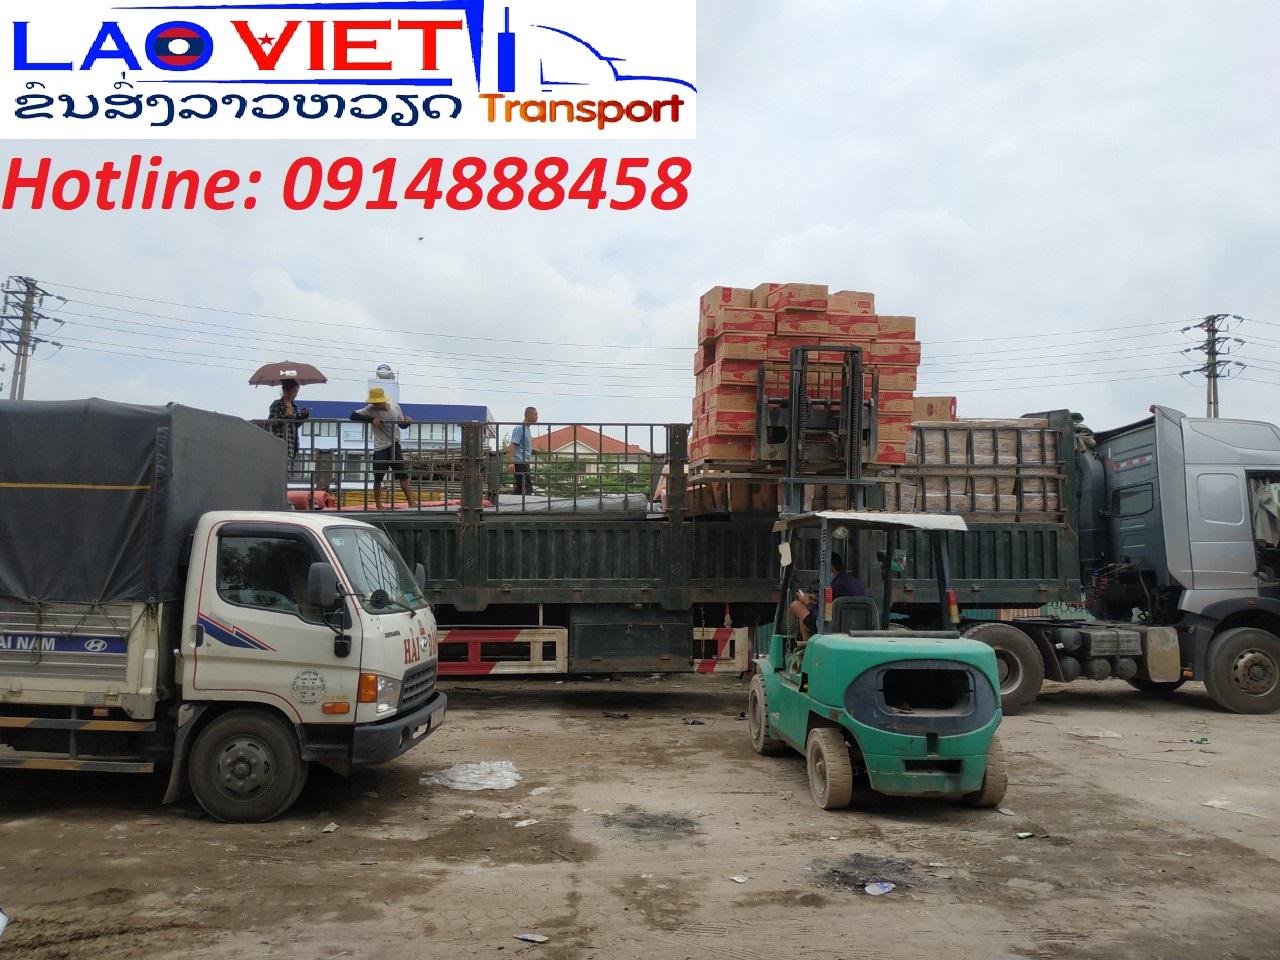 Vận chuyển hàng hóa từ Hà Nội đi Viêng Chăn